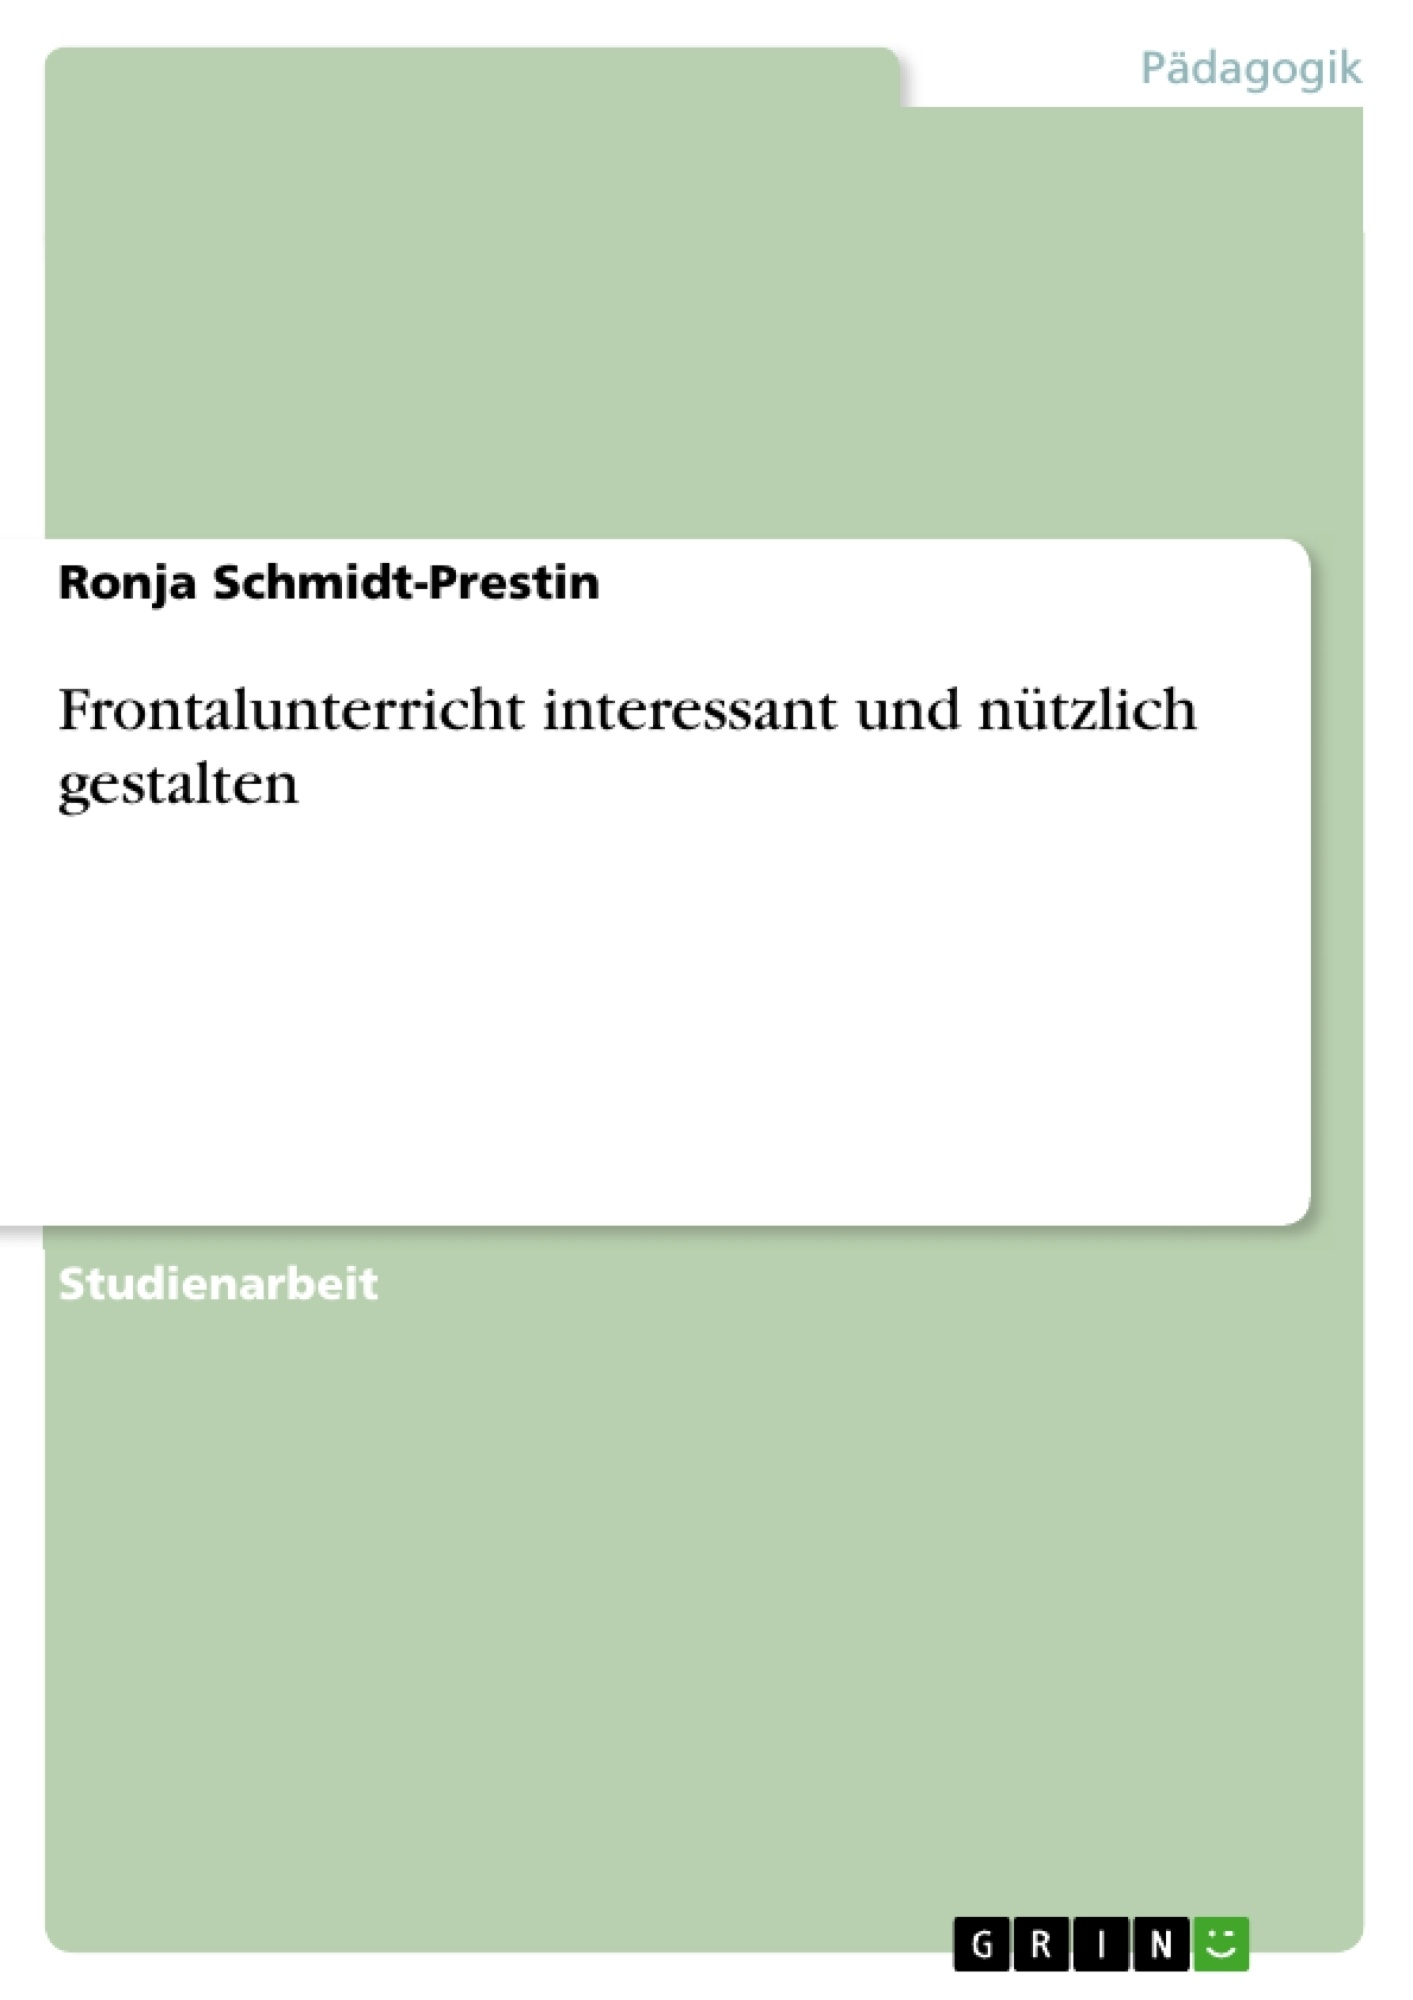 Titel: Frontalunterricht interessant und nützlich gestalten